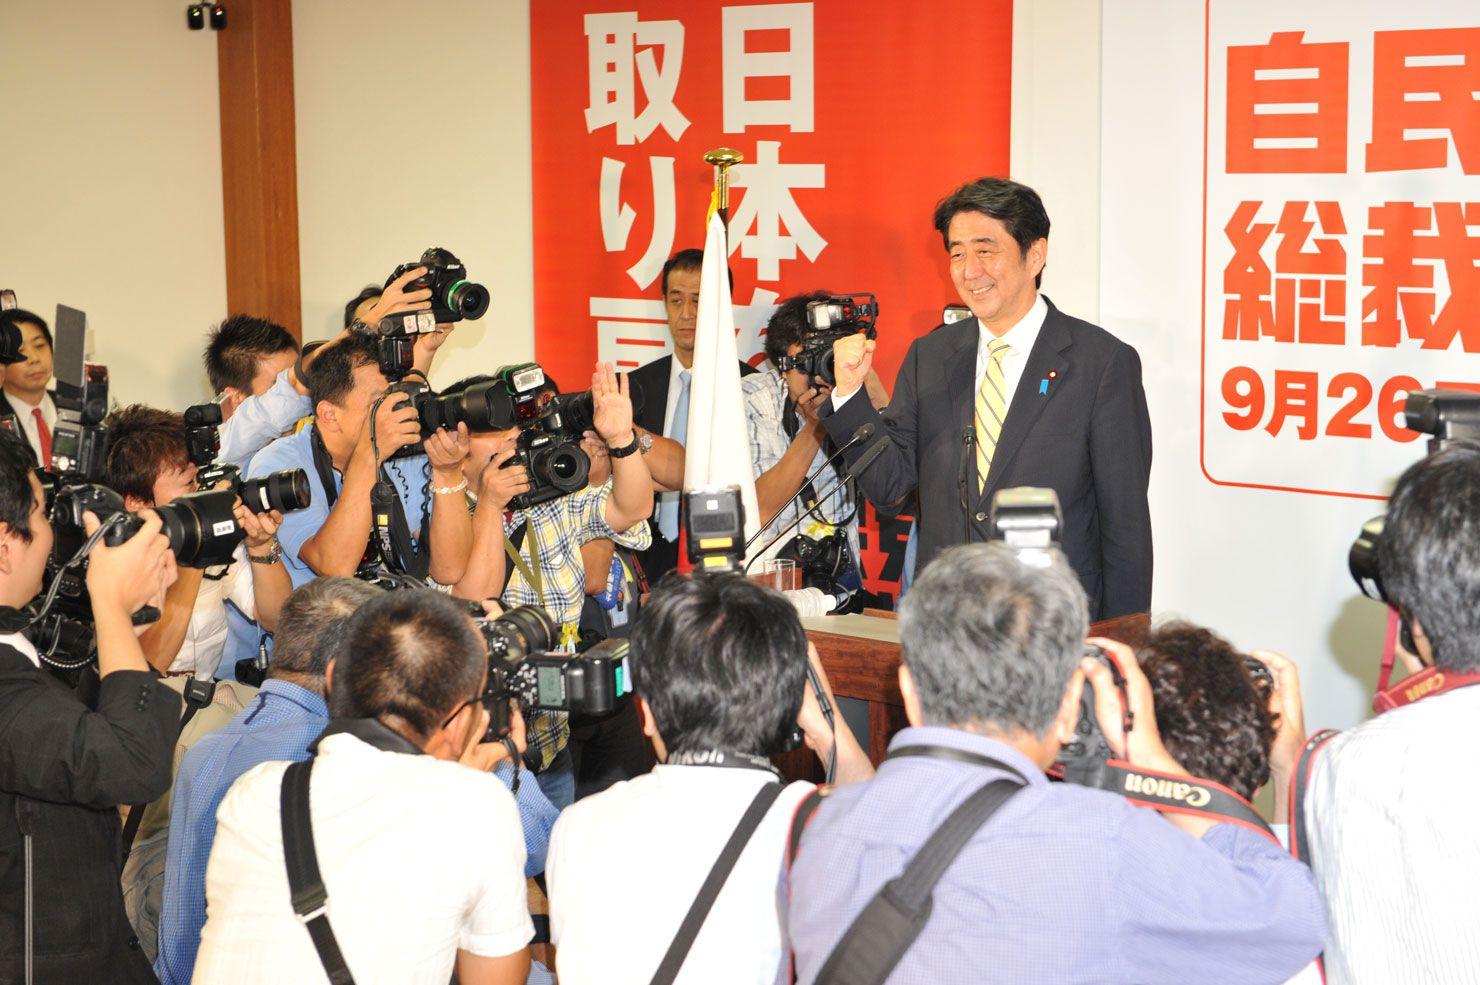 2012年自民党総裁選挙 ©文藝春秋